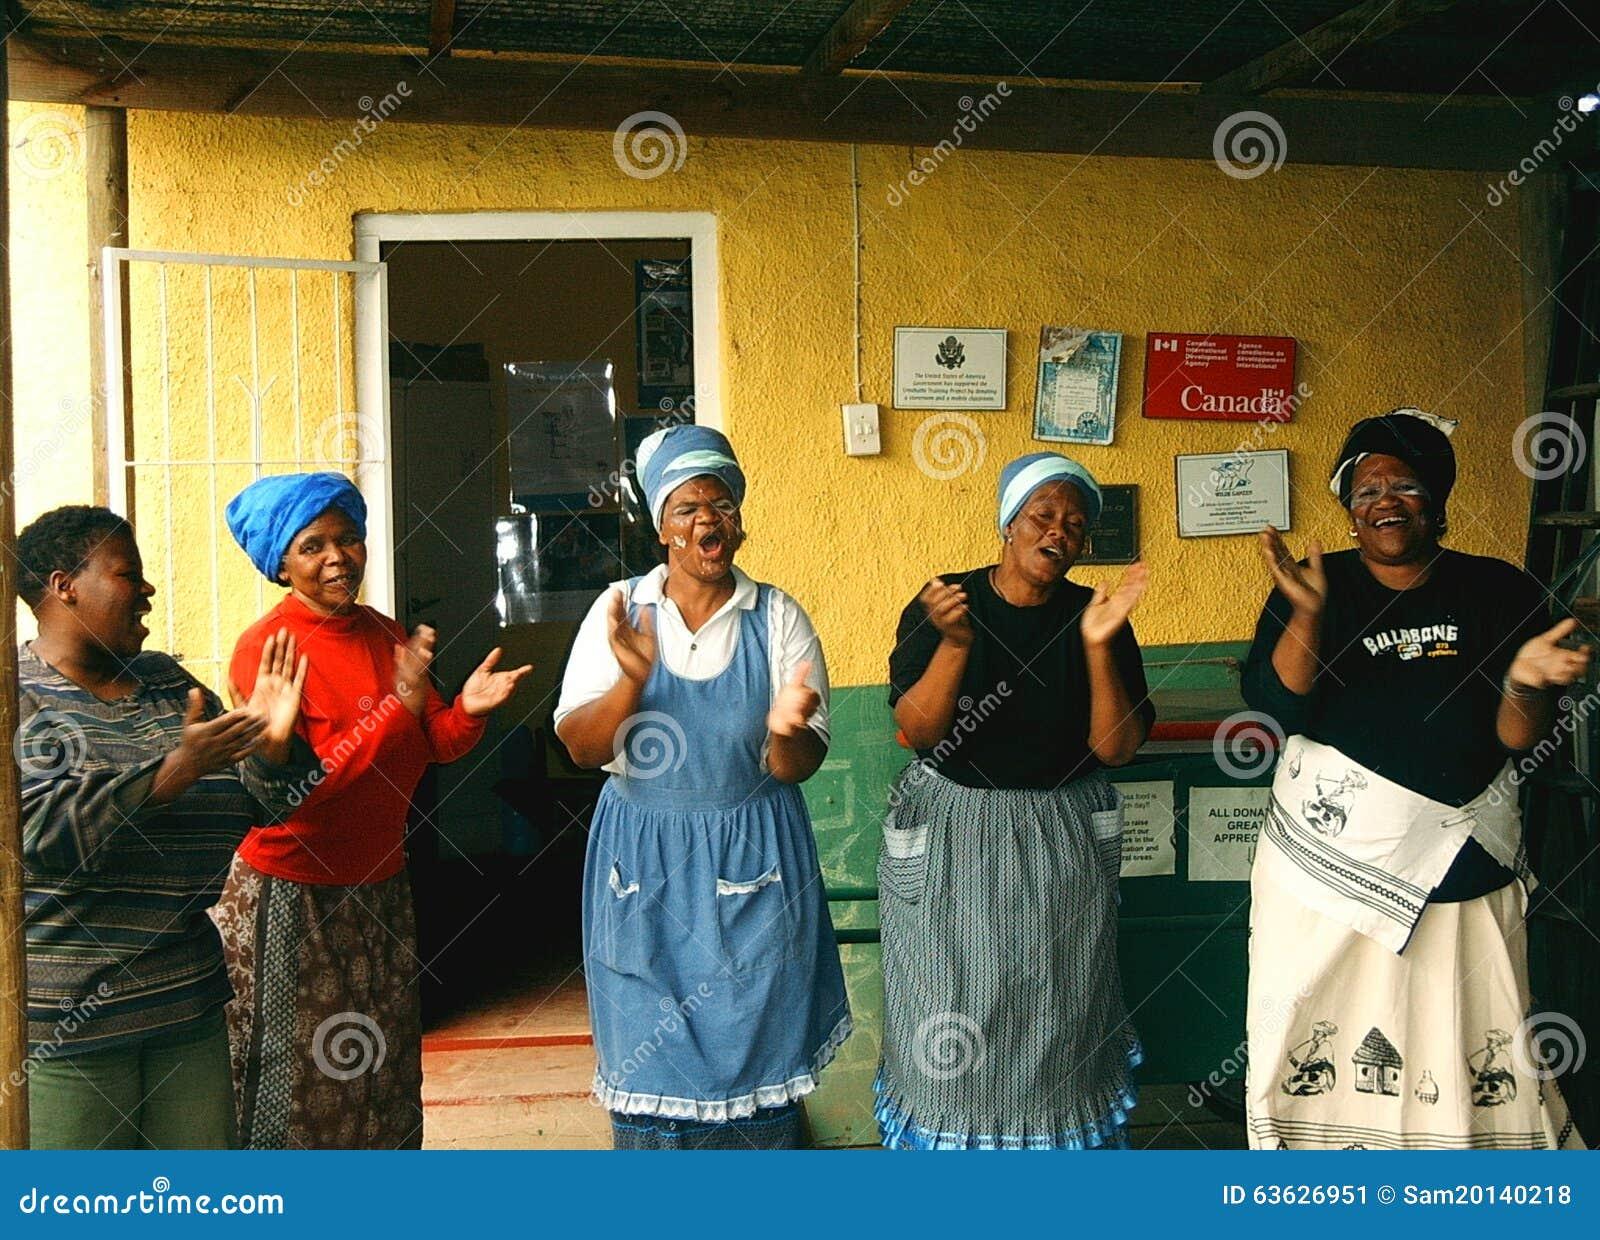 Les dames chantent et battent dans une banlieue noire en Afrique du Sud